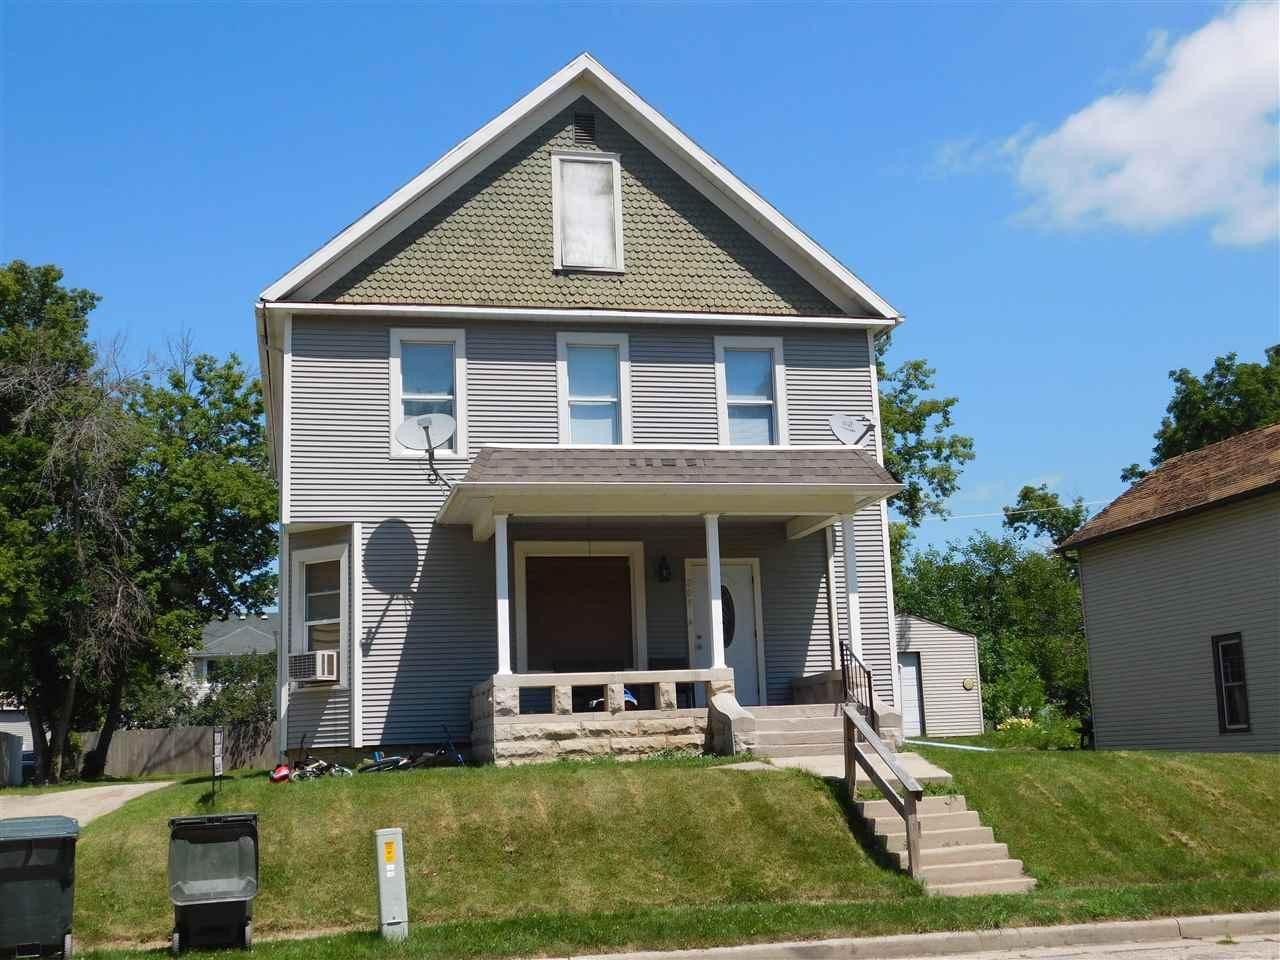 205 W Green St, Fox Lake, WI 53933 - MLS#: 1891568